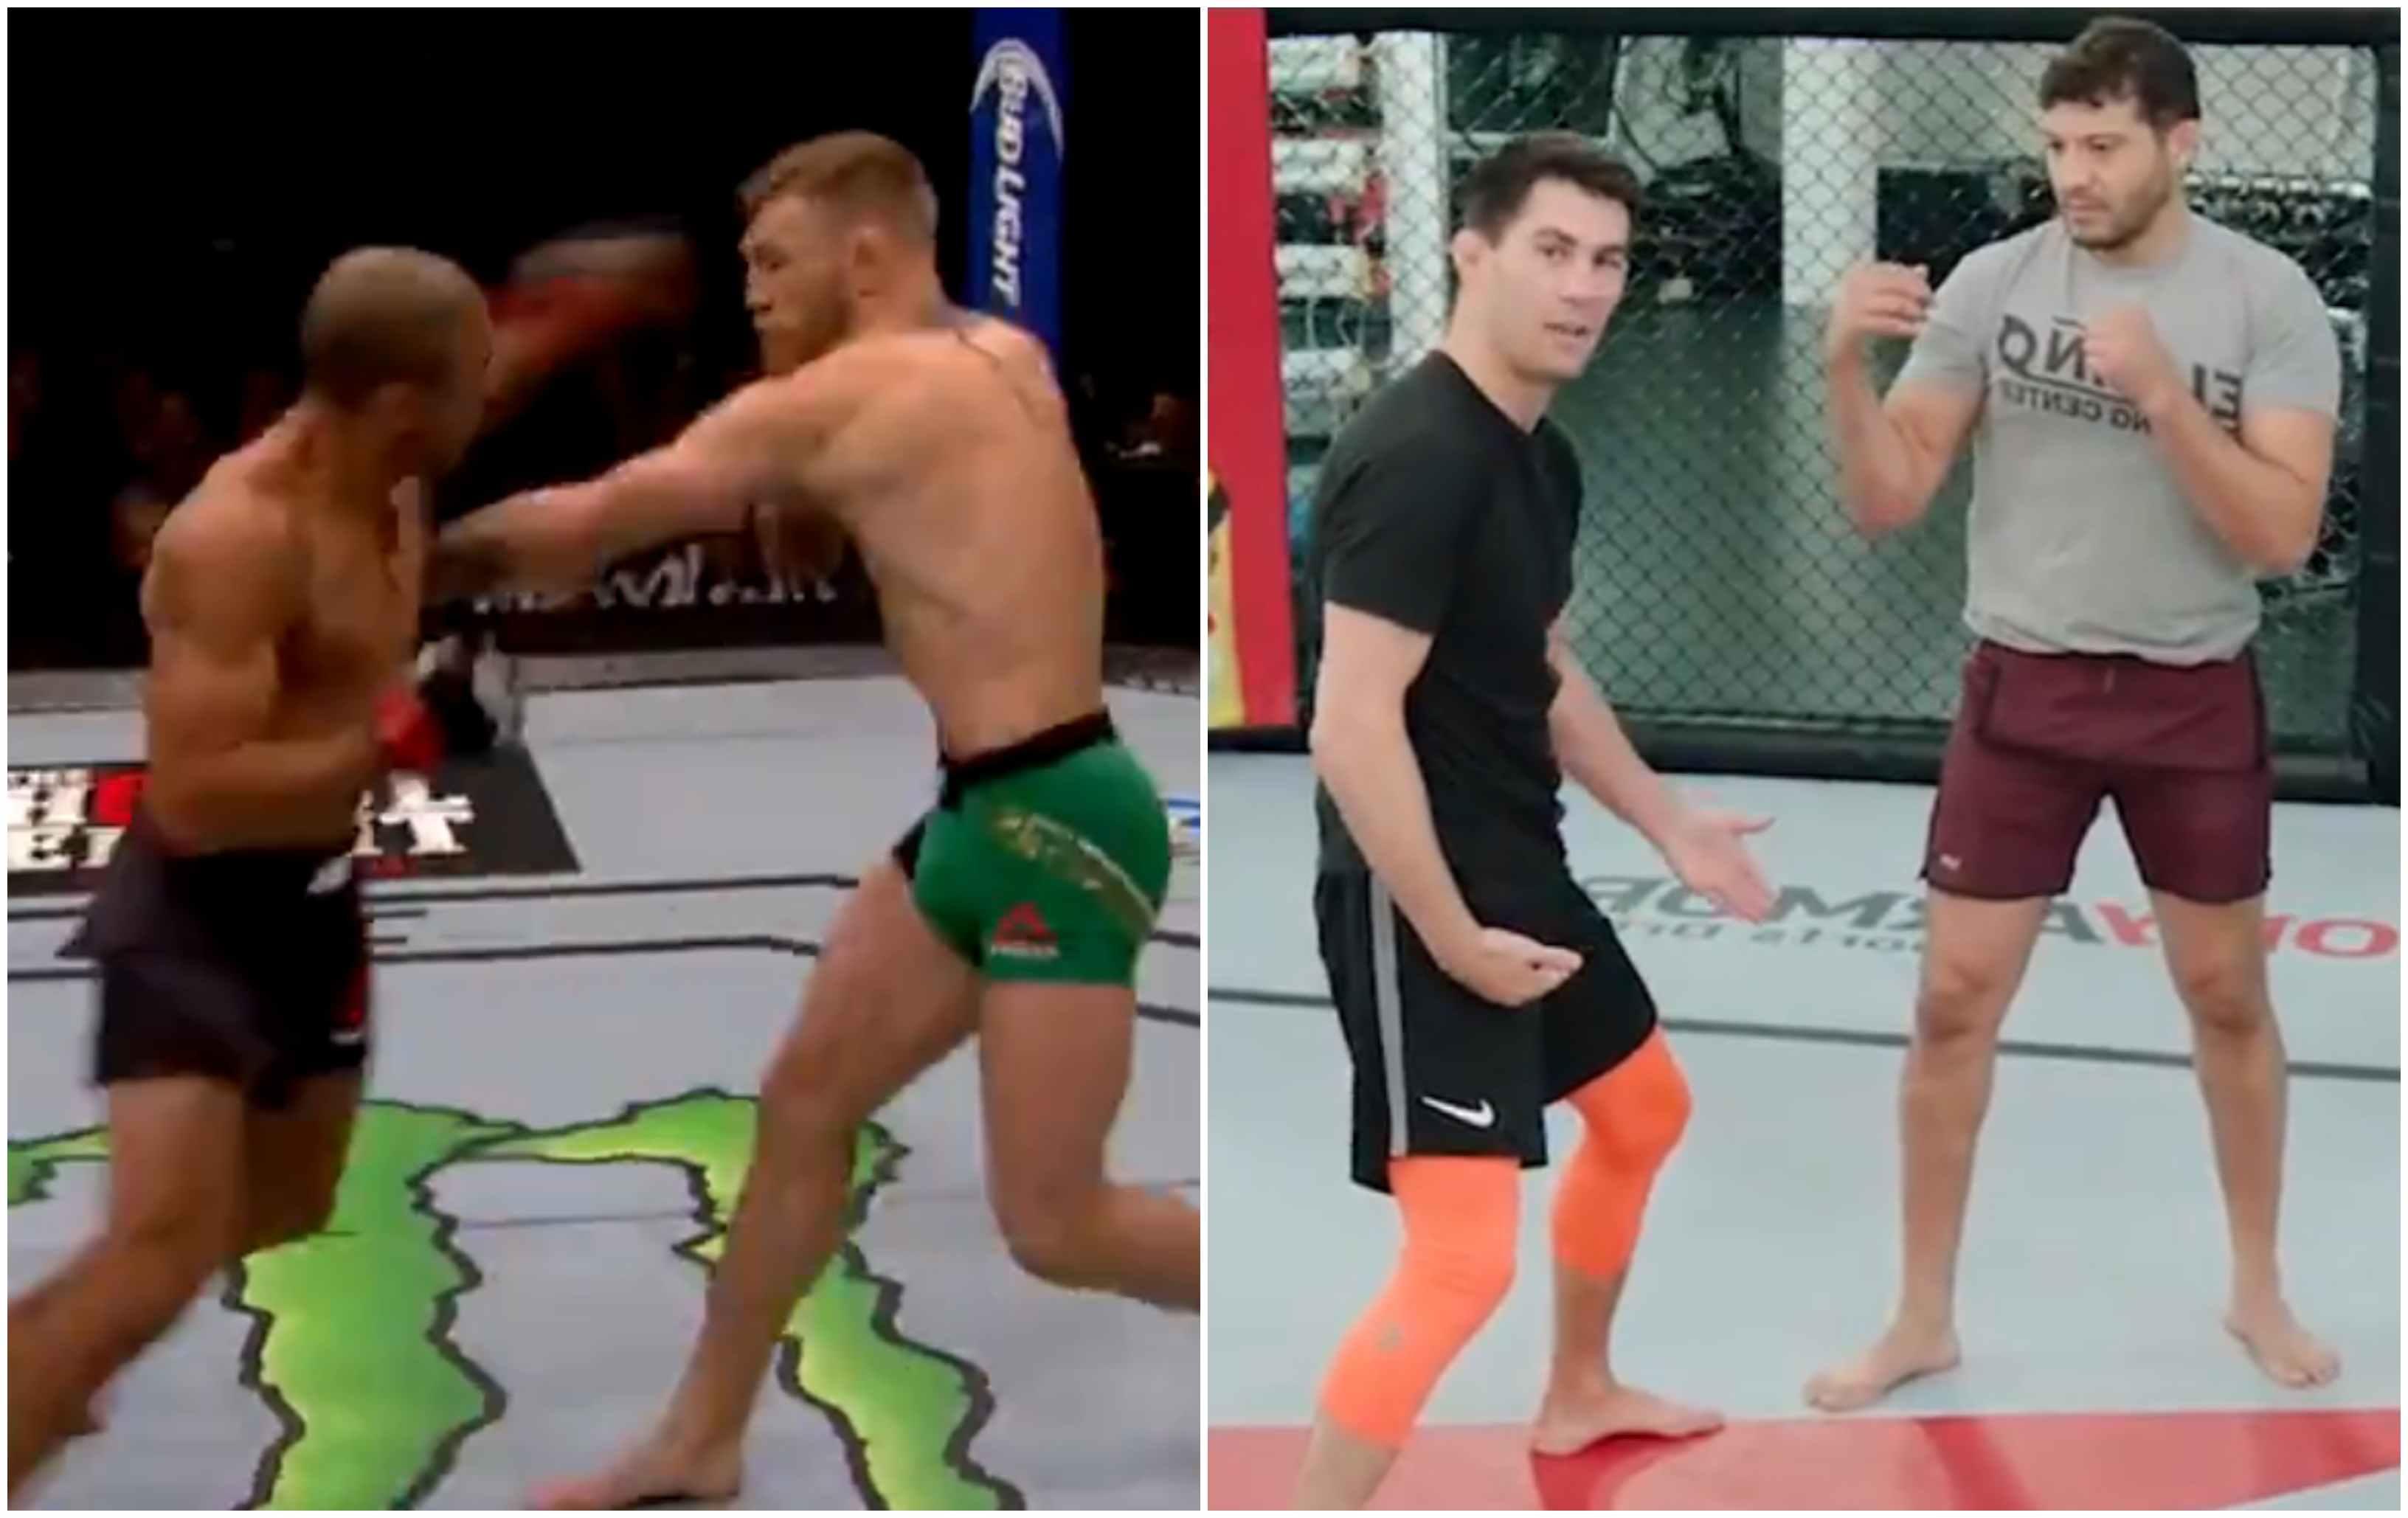 UFC News: Dominick Cruz breaks down Conor McGregor's KO of Jose Aldo in the lead up to UFC 246 - Cruz